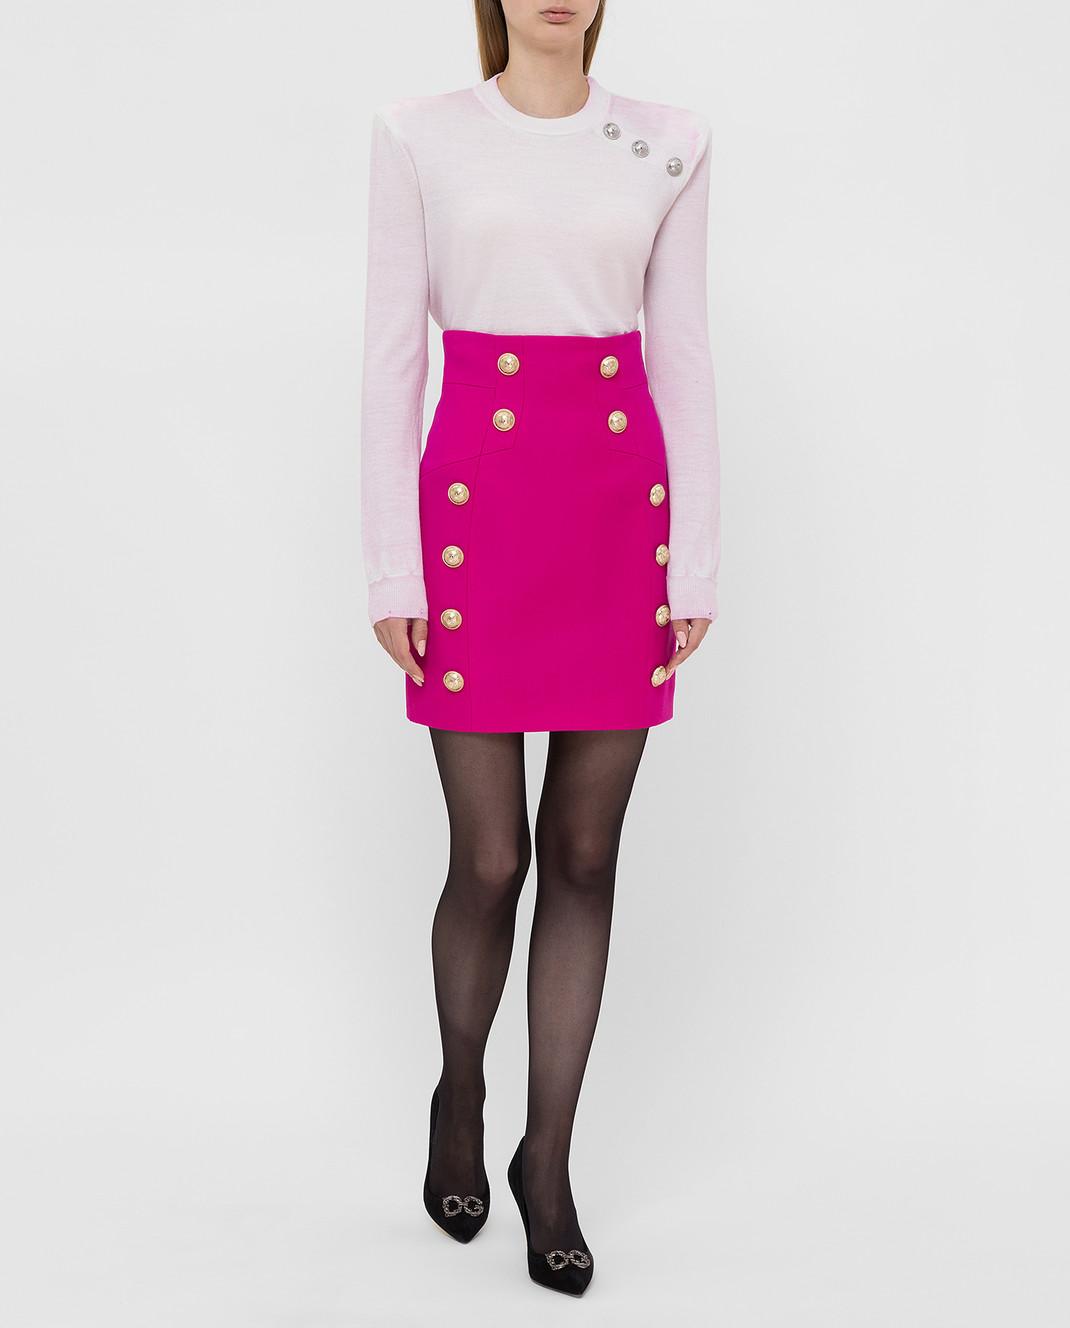 Balmain Светло-розовый свитер из шерсти изображение 2